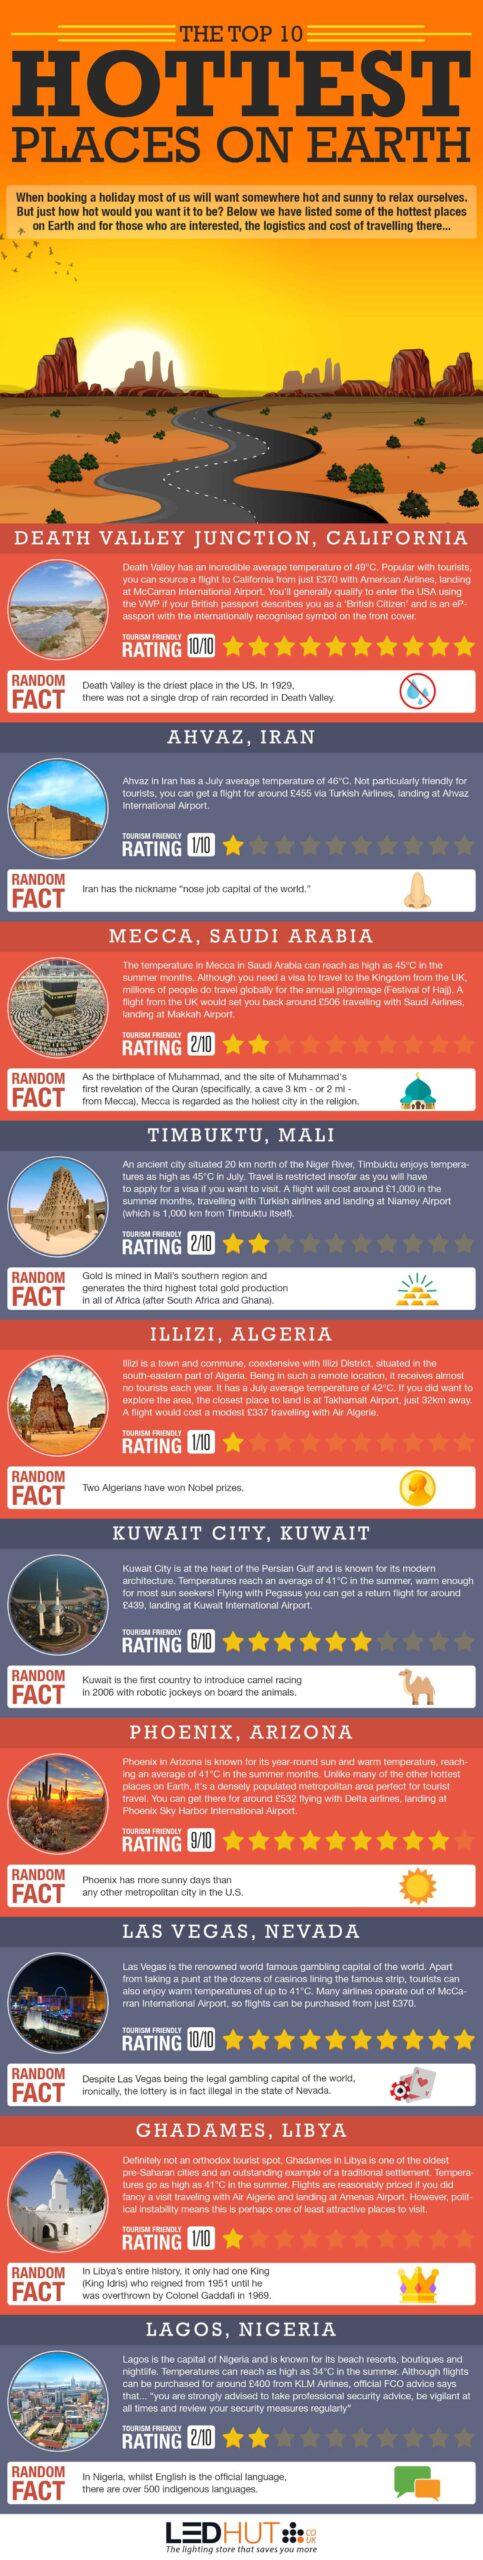 Top 10 Hottest Places